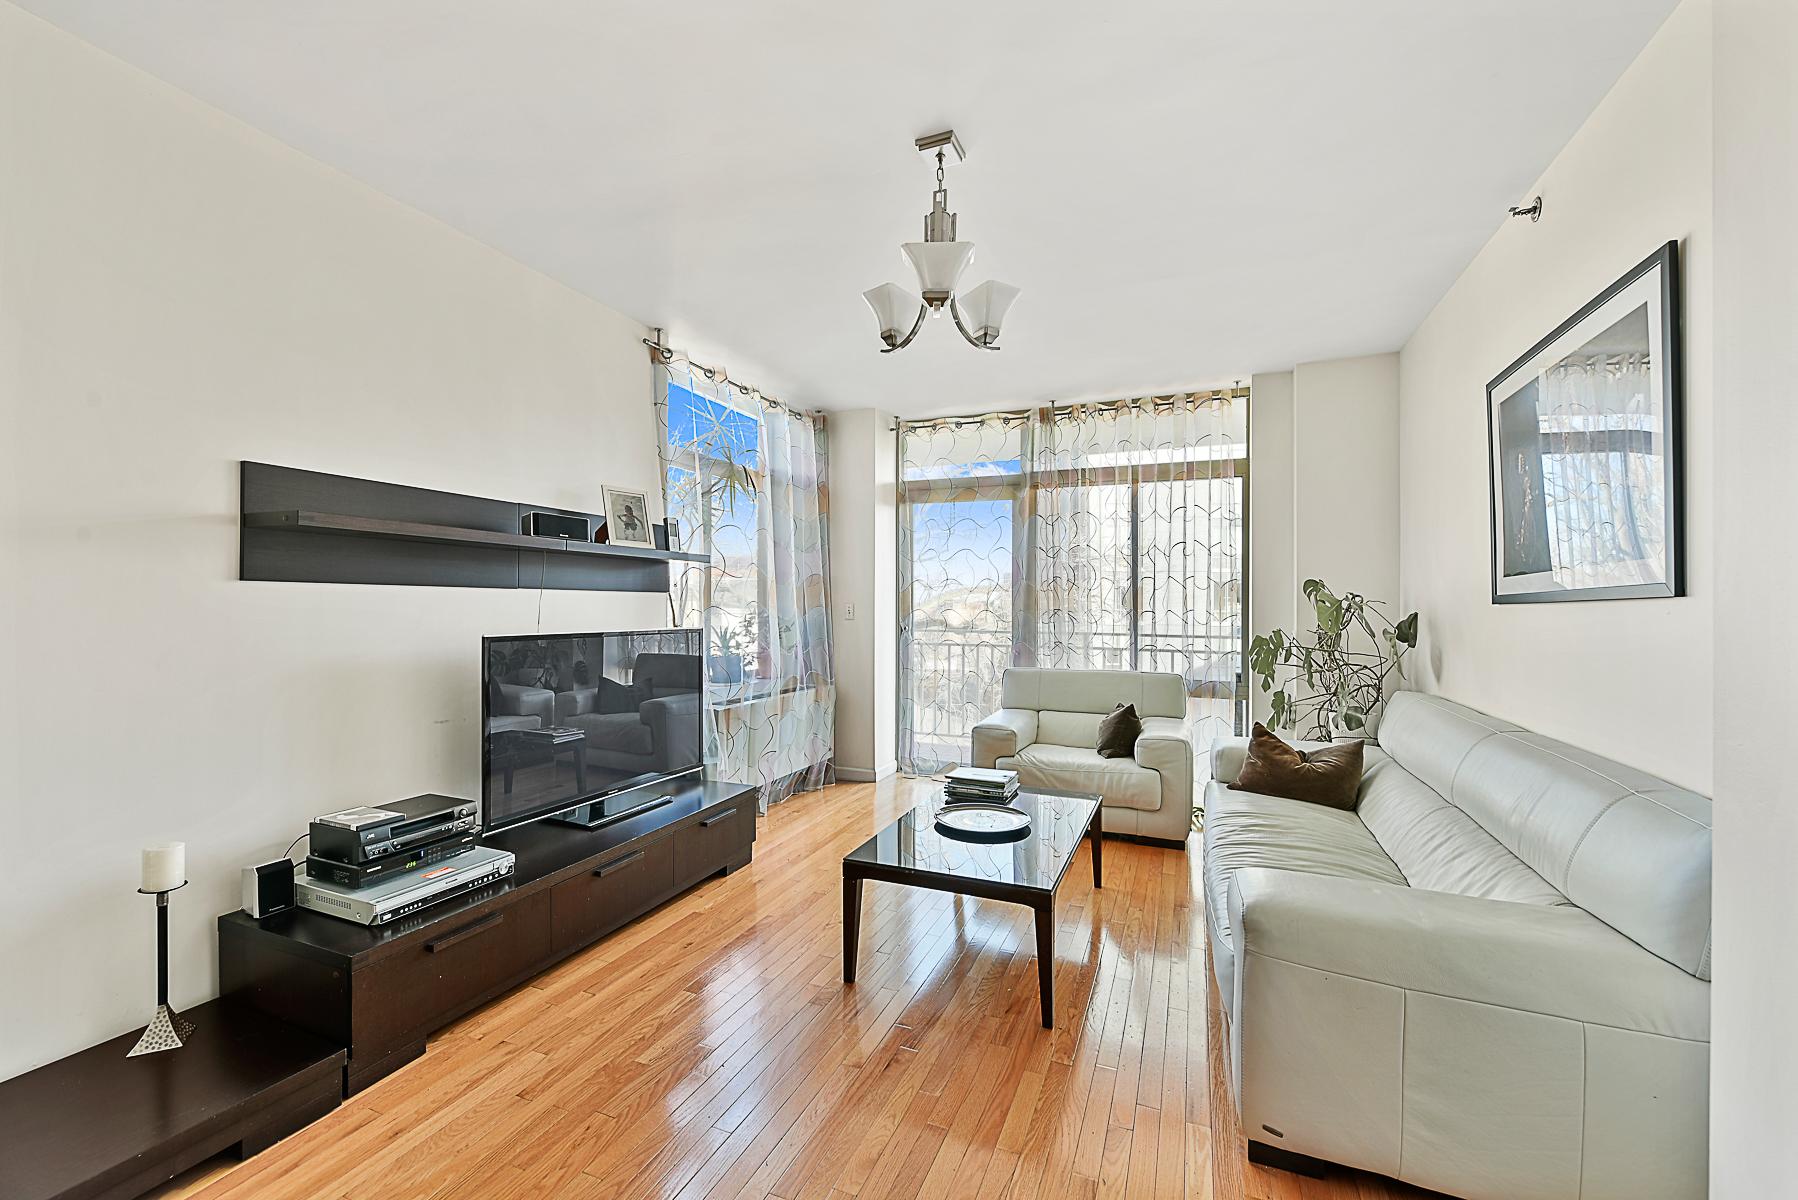 Condomínio para Venda às Sun-filled 3 BR Condo with Terrace 3625 Oxford Avenue 4A Riverdale, Nova York, 10463 Estados Unidos